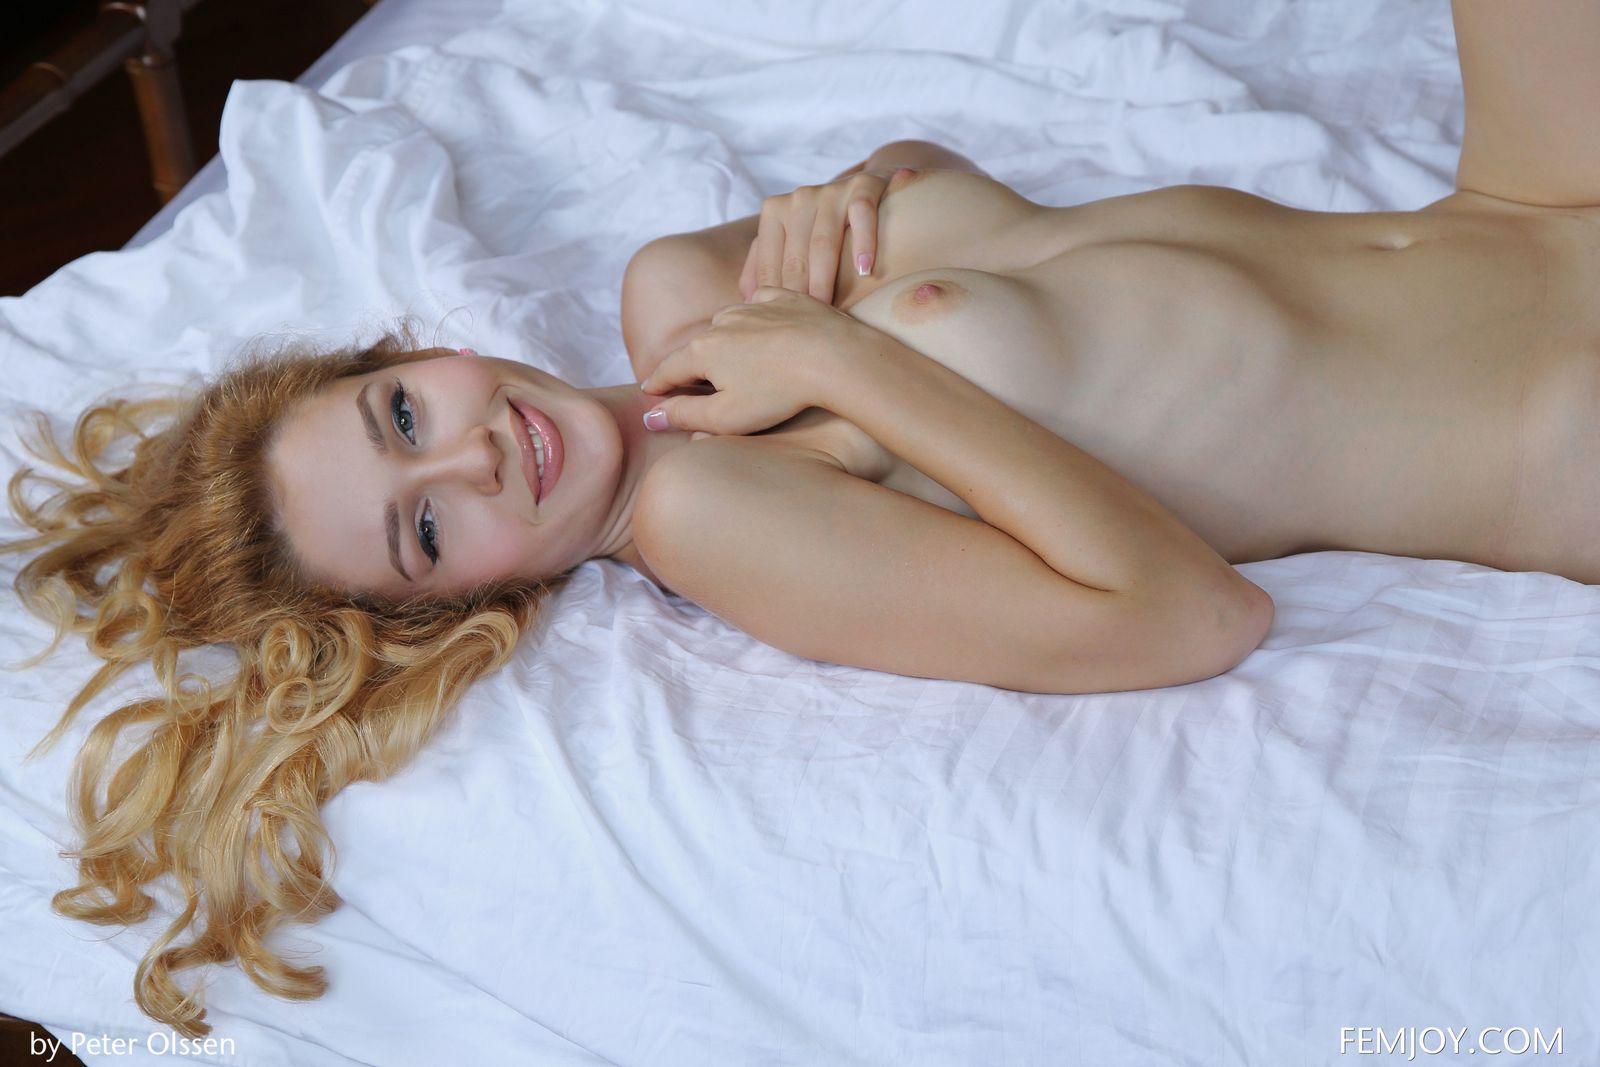 Топ-модель Ксана разводит ножки лежа на постели